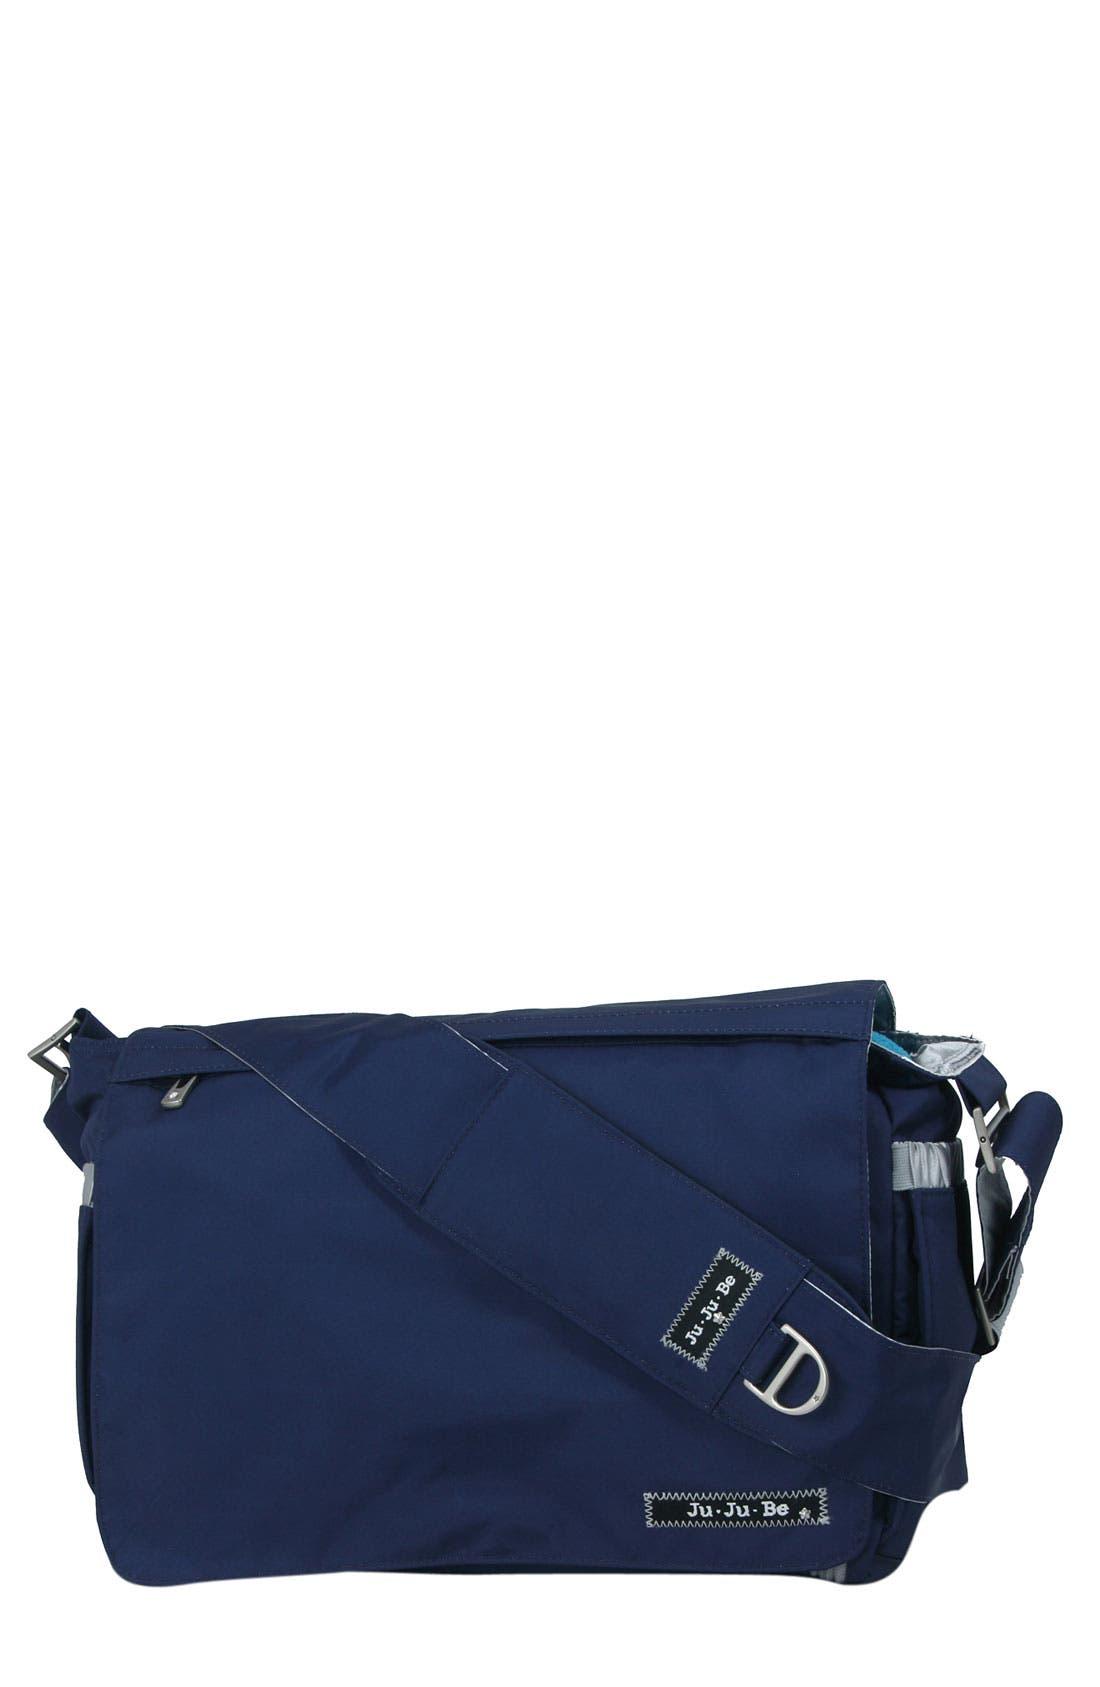 Alternate Image 1 Selected - Ju-Ju-Be 'Be All' Diaper Bag